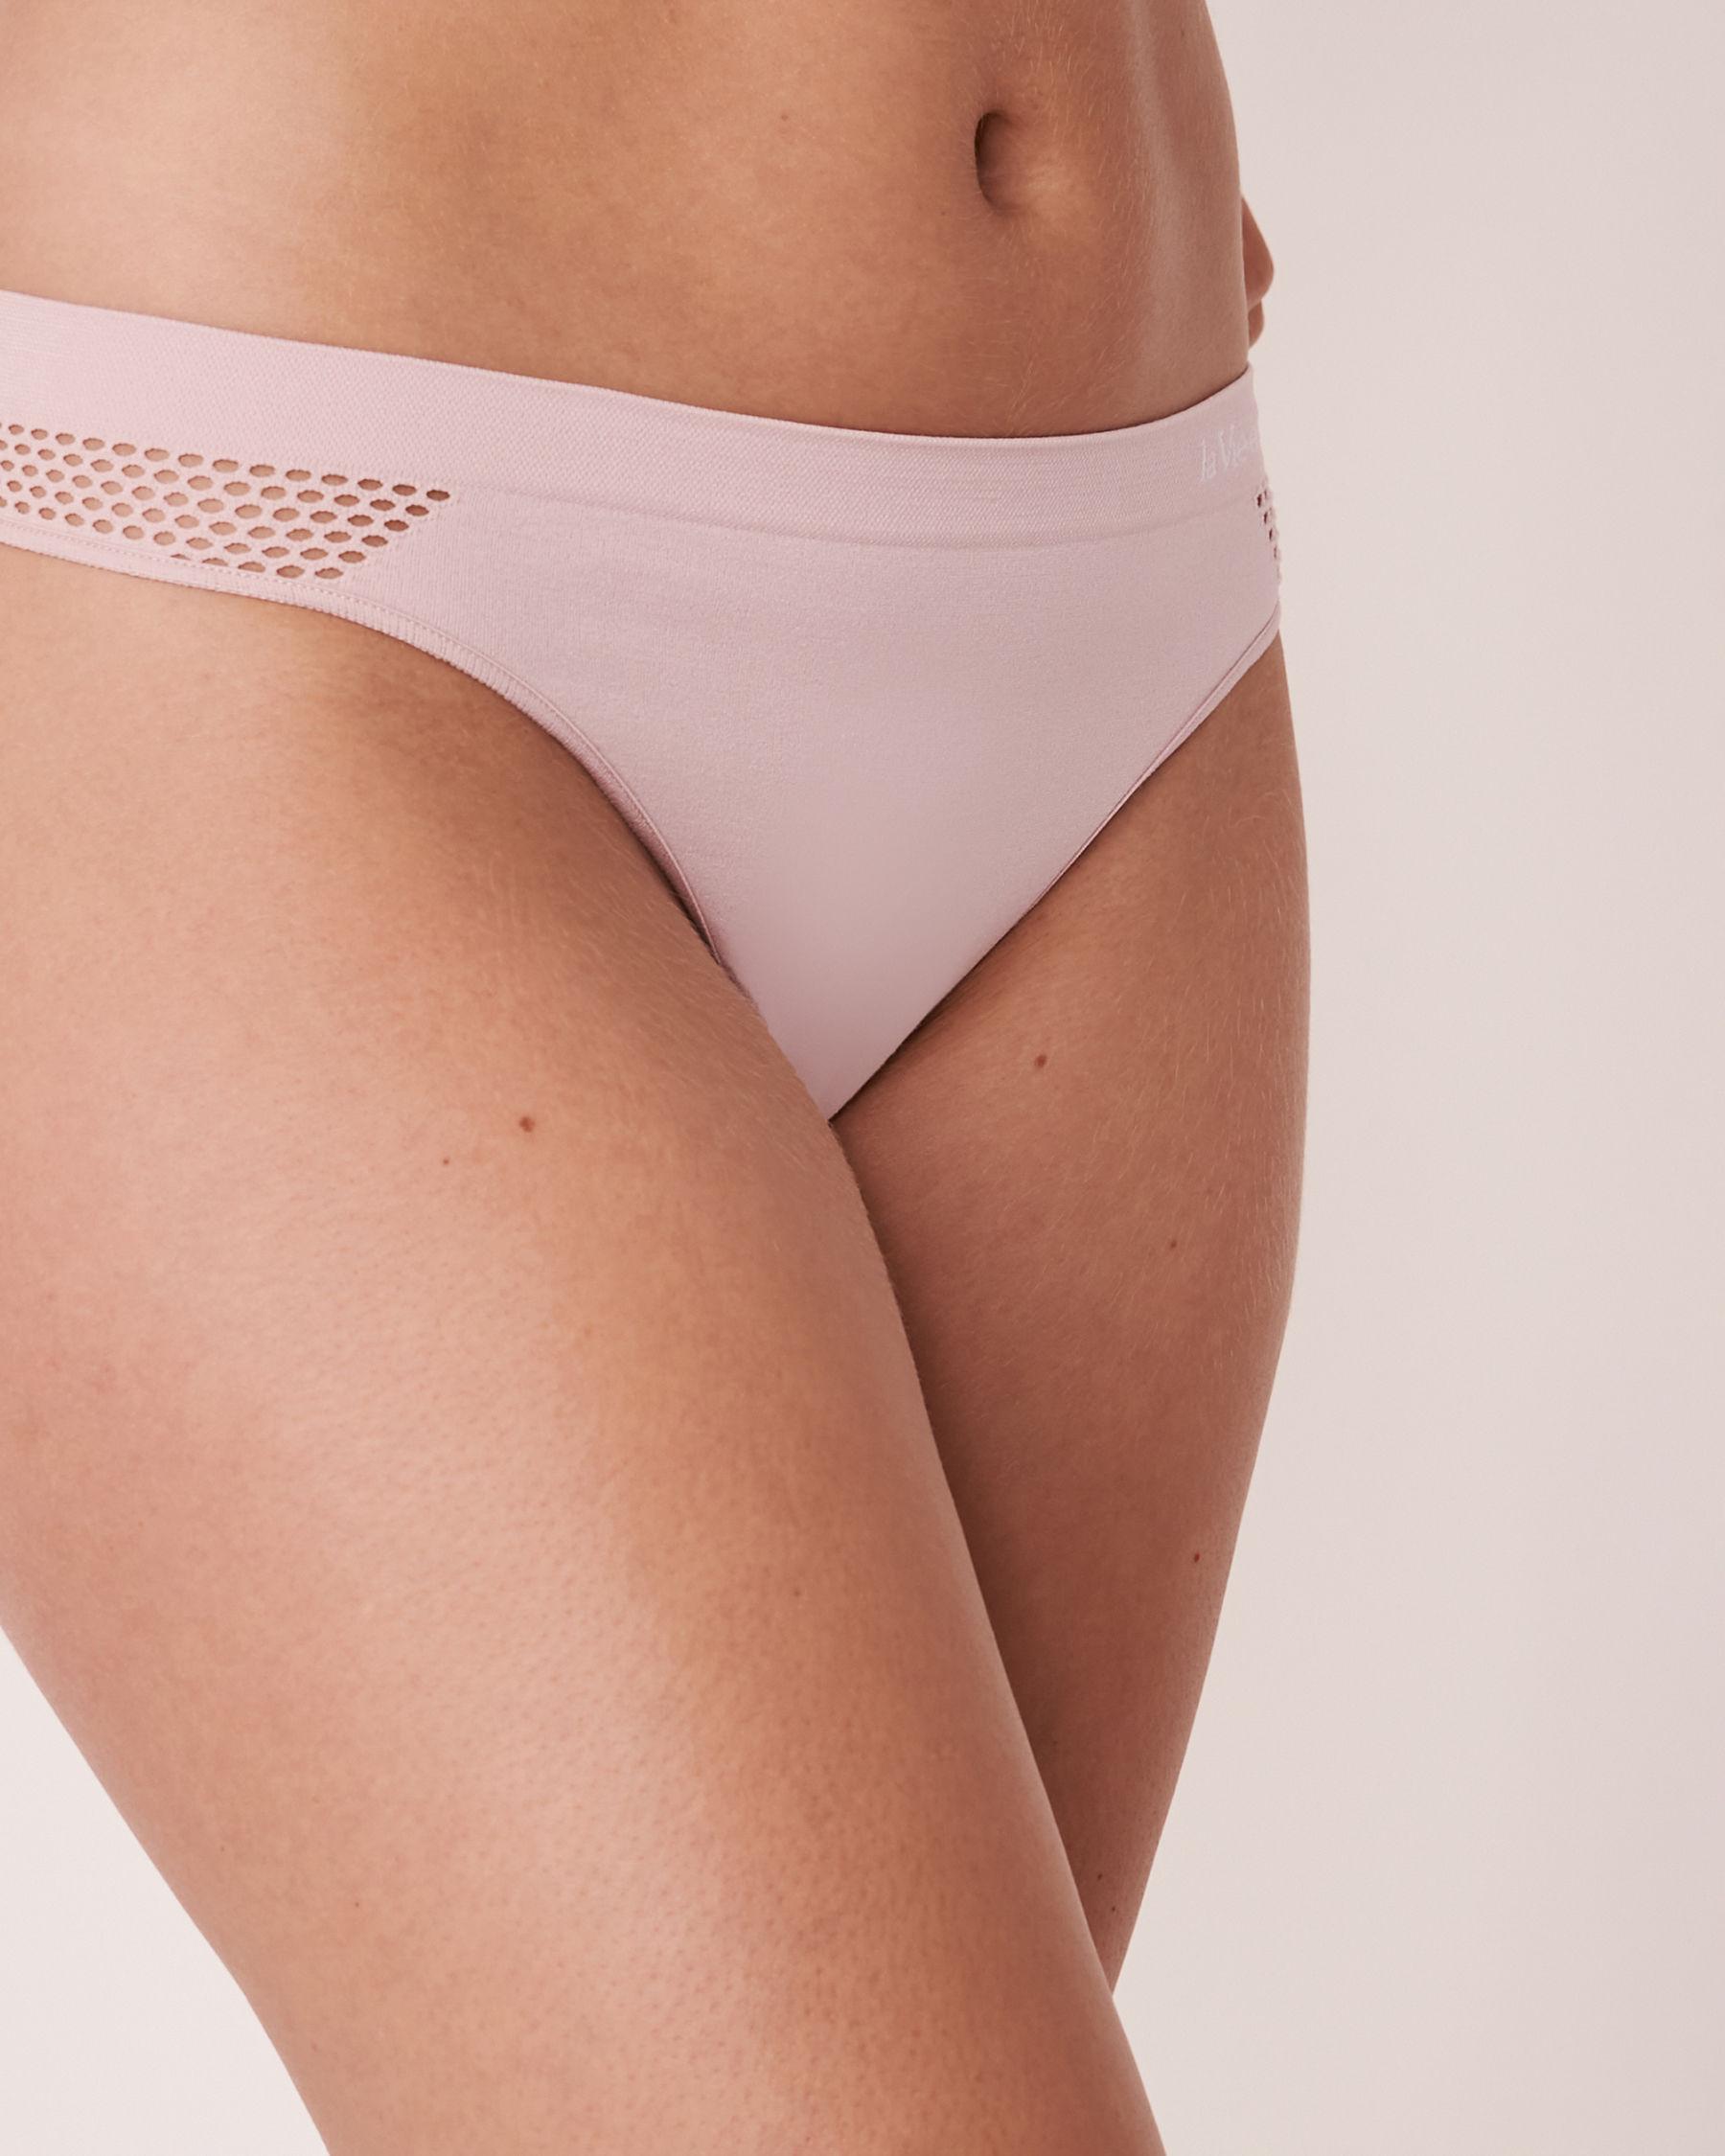 LA VIE EN ROSE Seamless Thong Panty Lilac 20200087 - View1